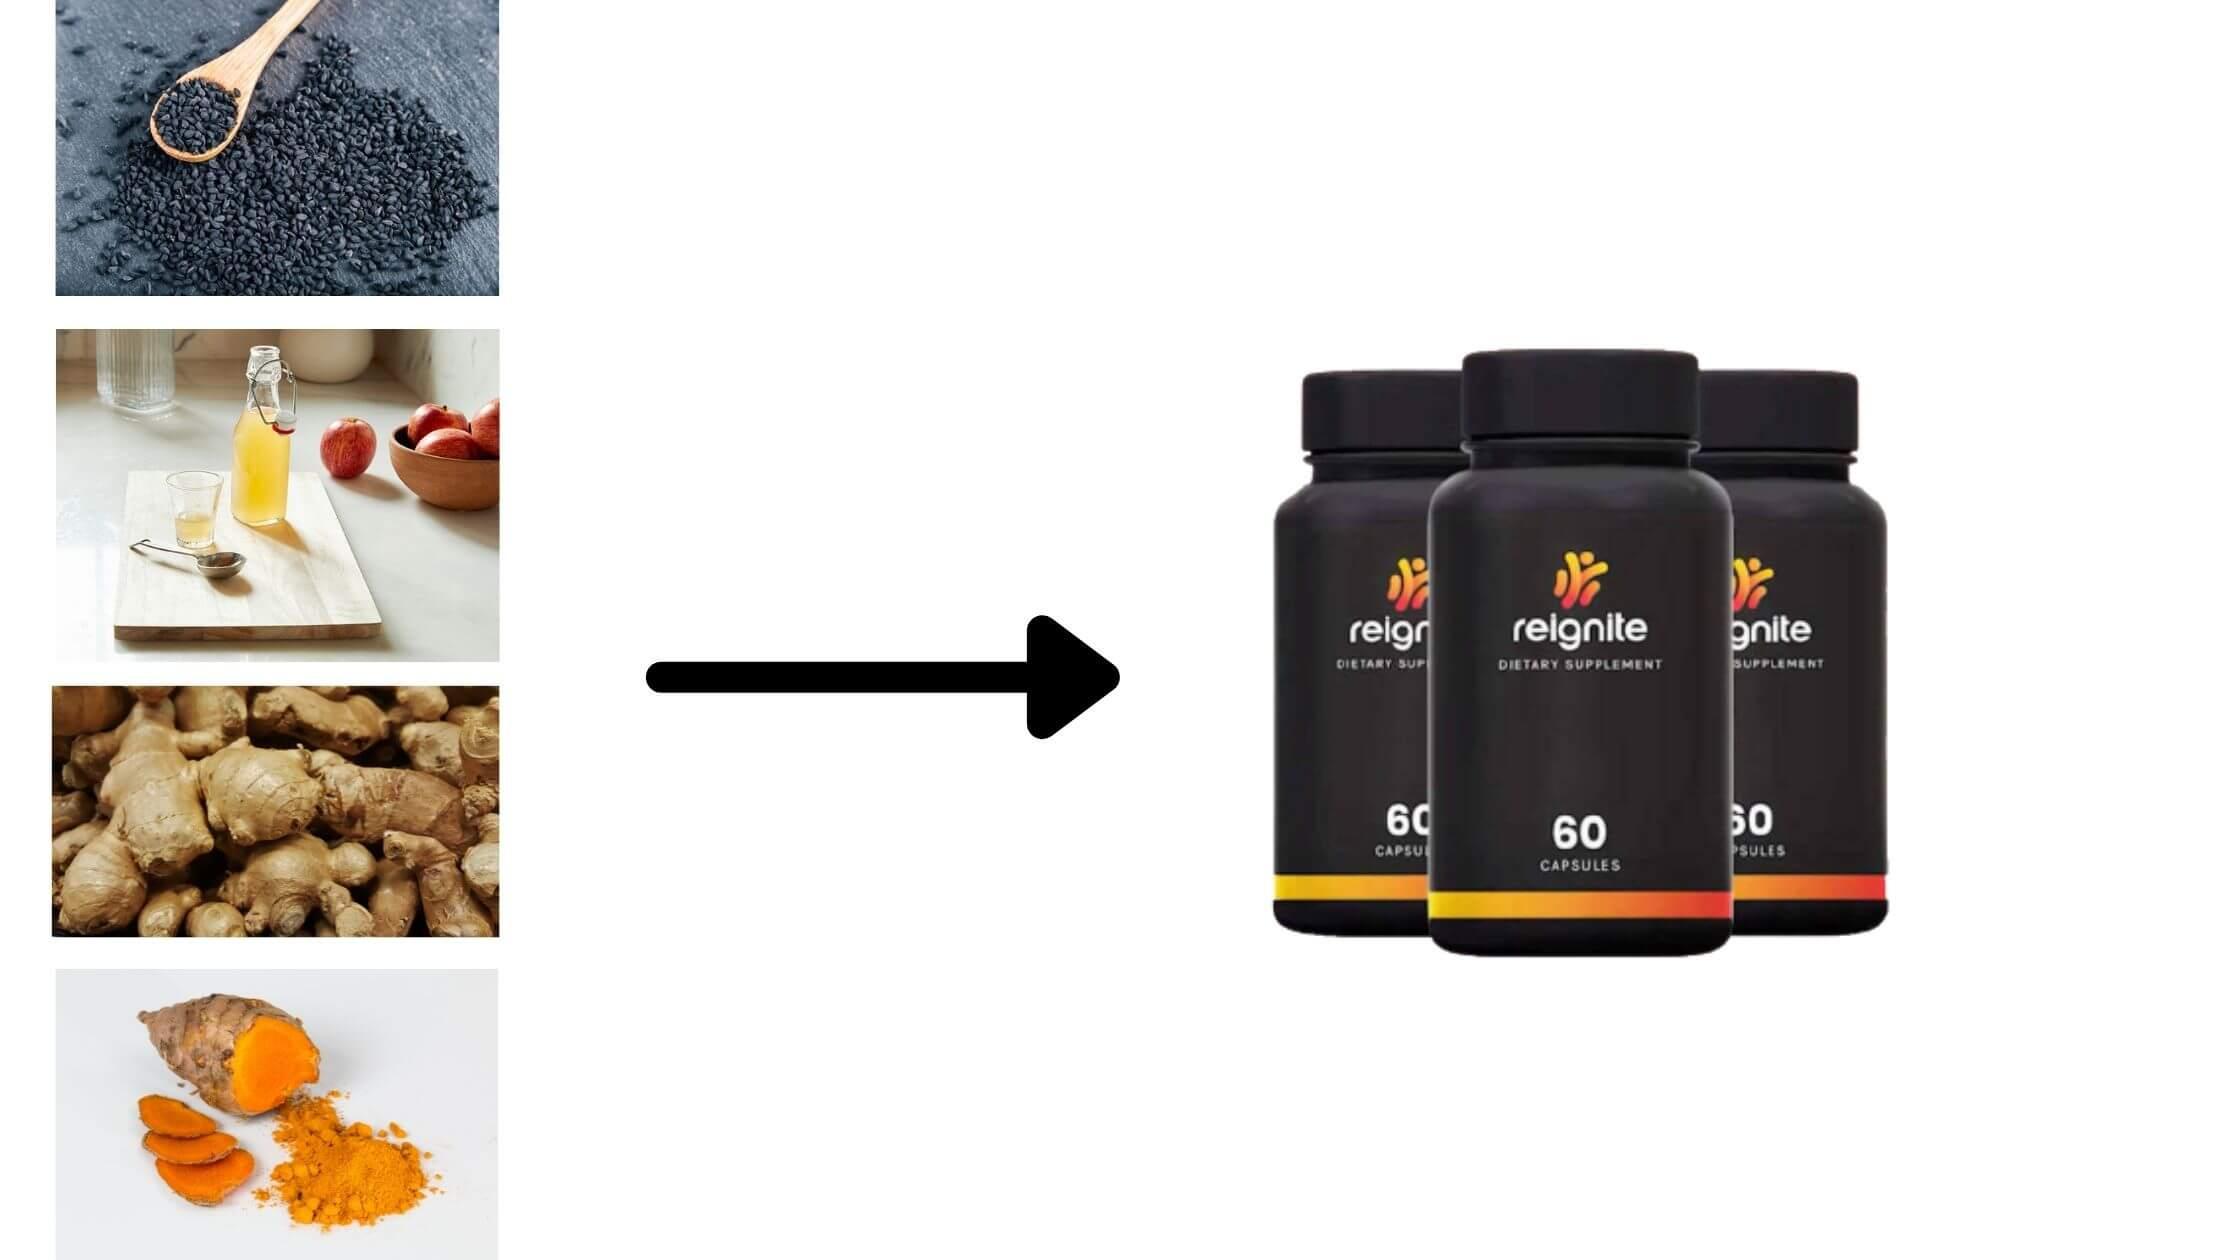 ReIgnite Supplement Ingredients